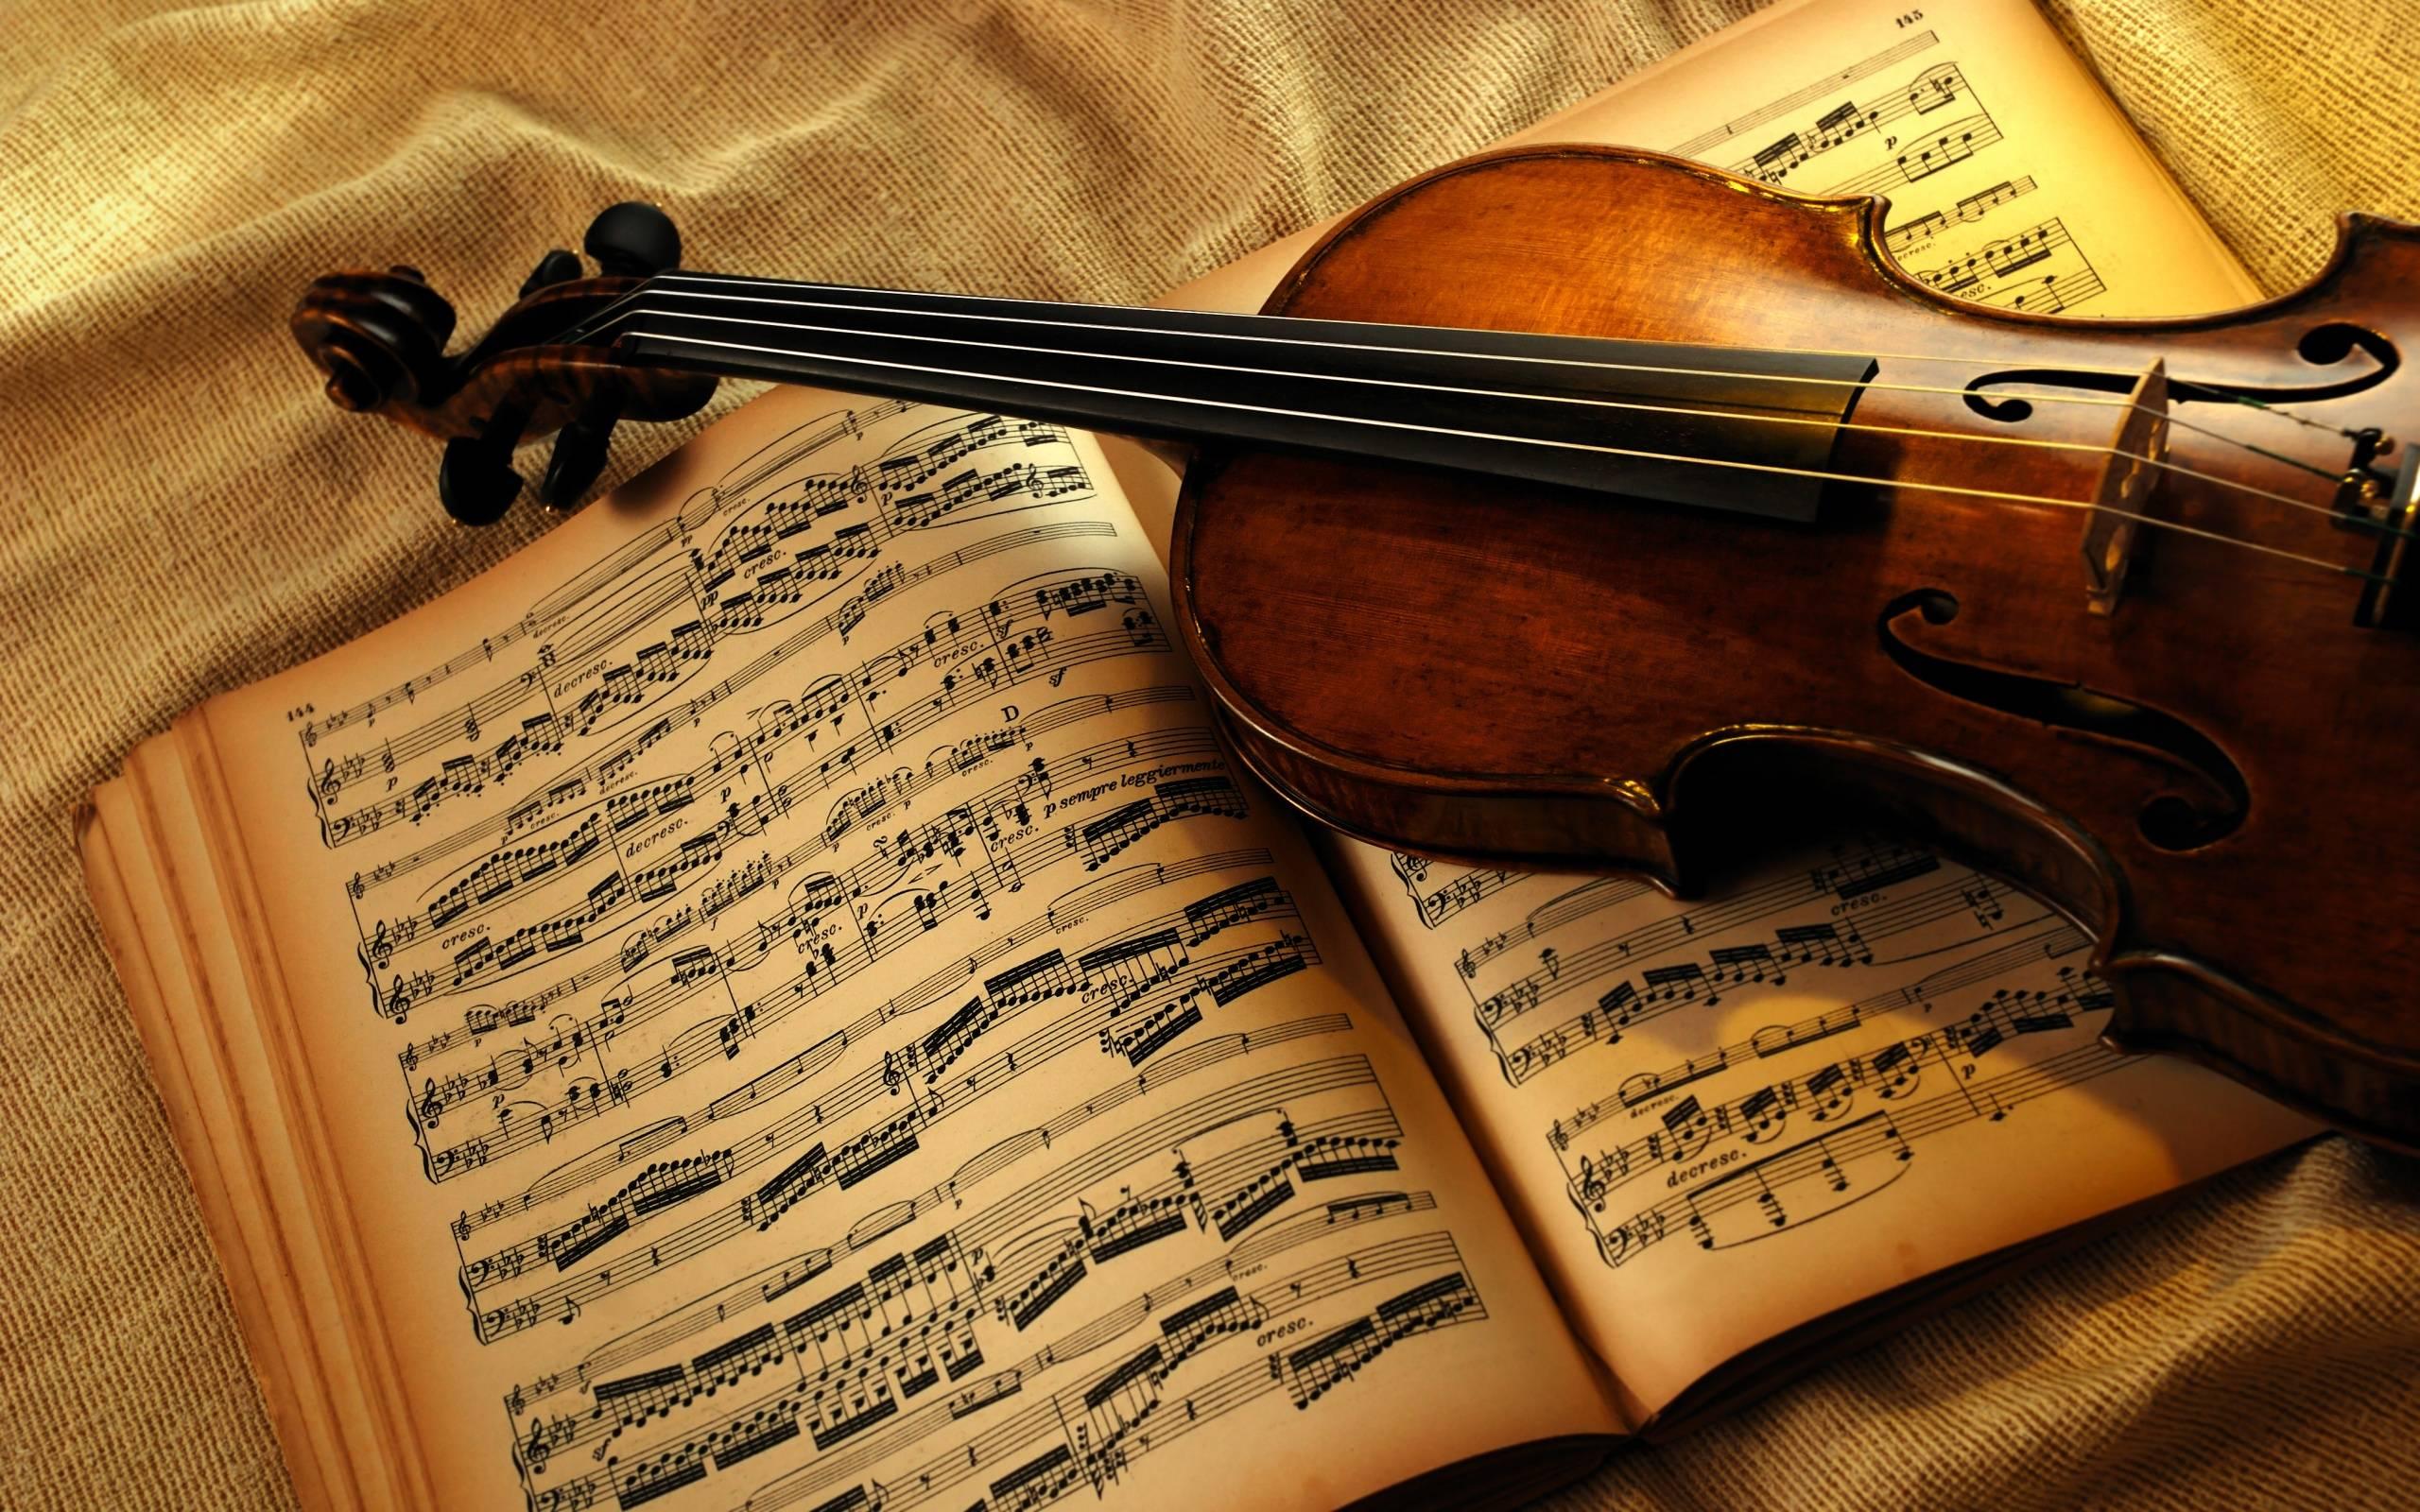 Violin Instrument Music Wallpaper HD #6428 Wallpaper | Wallpaper ...